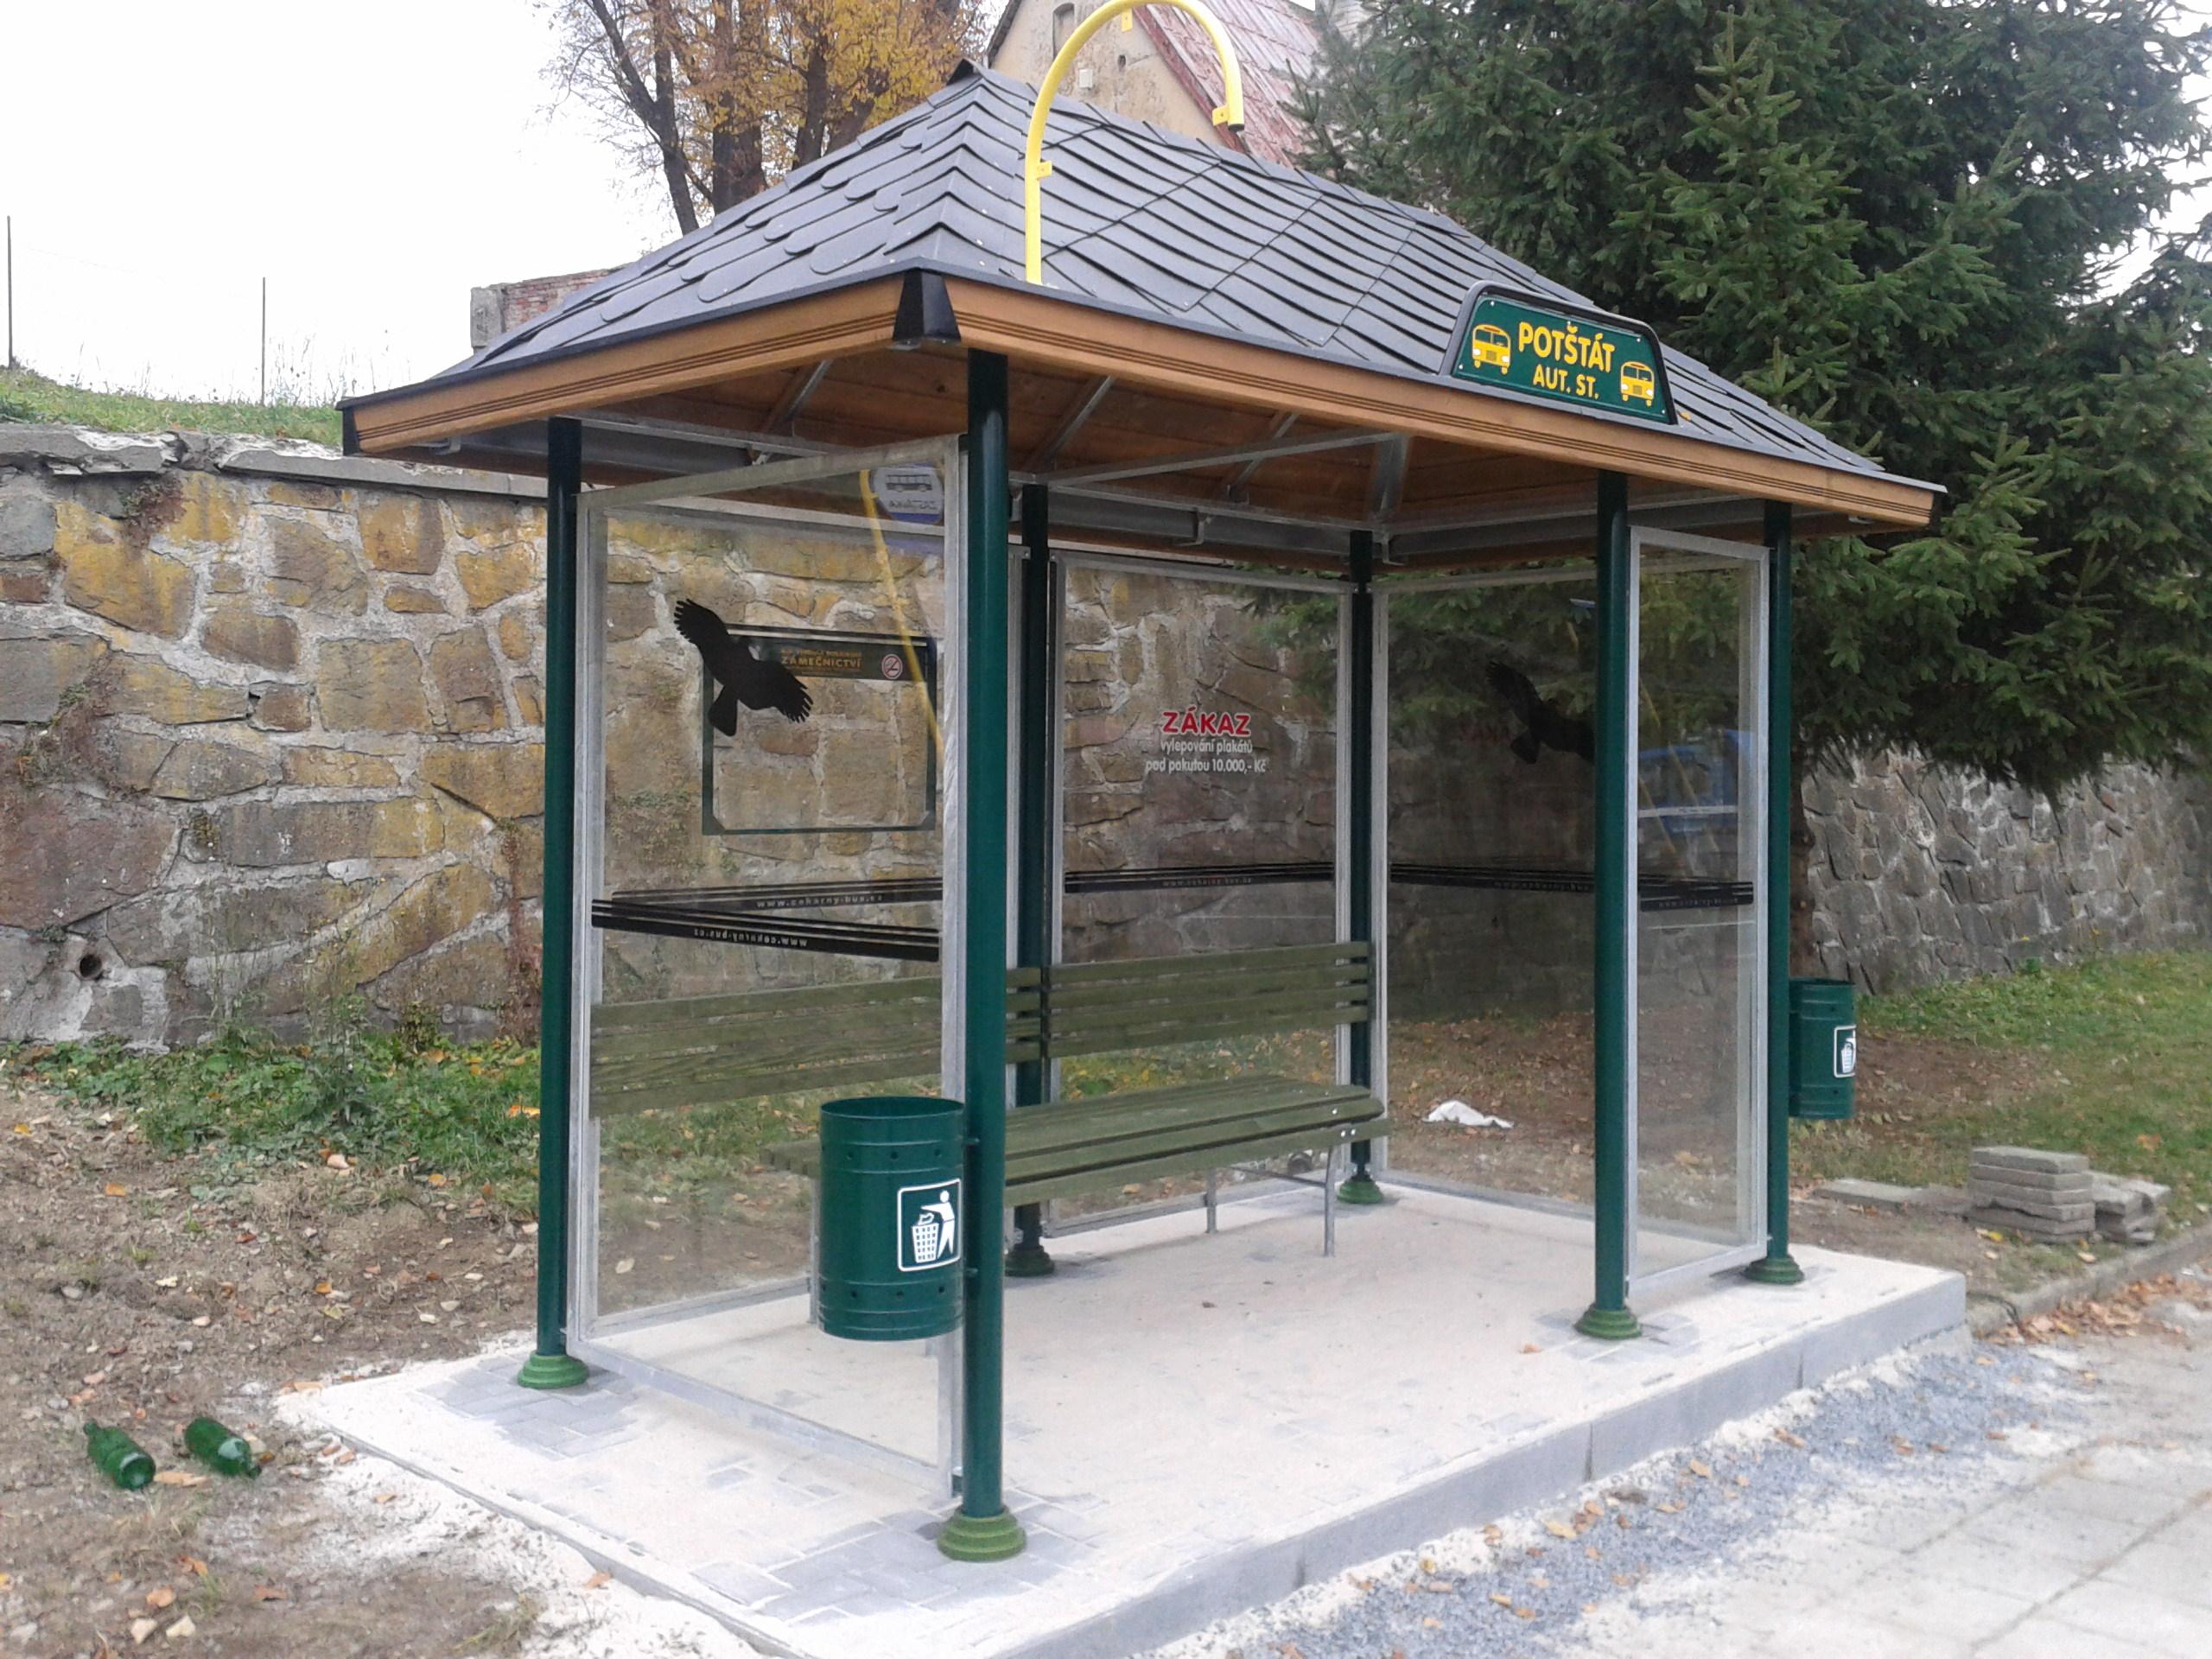 Jednotný městský mobiliář, Čekárny - bus